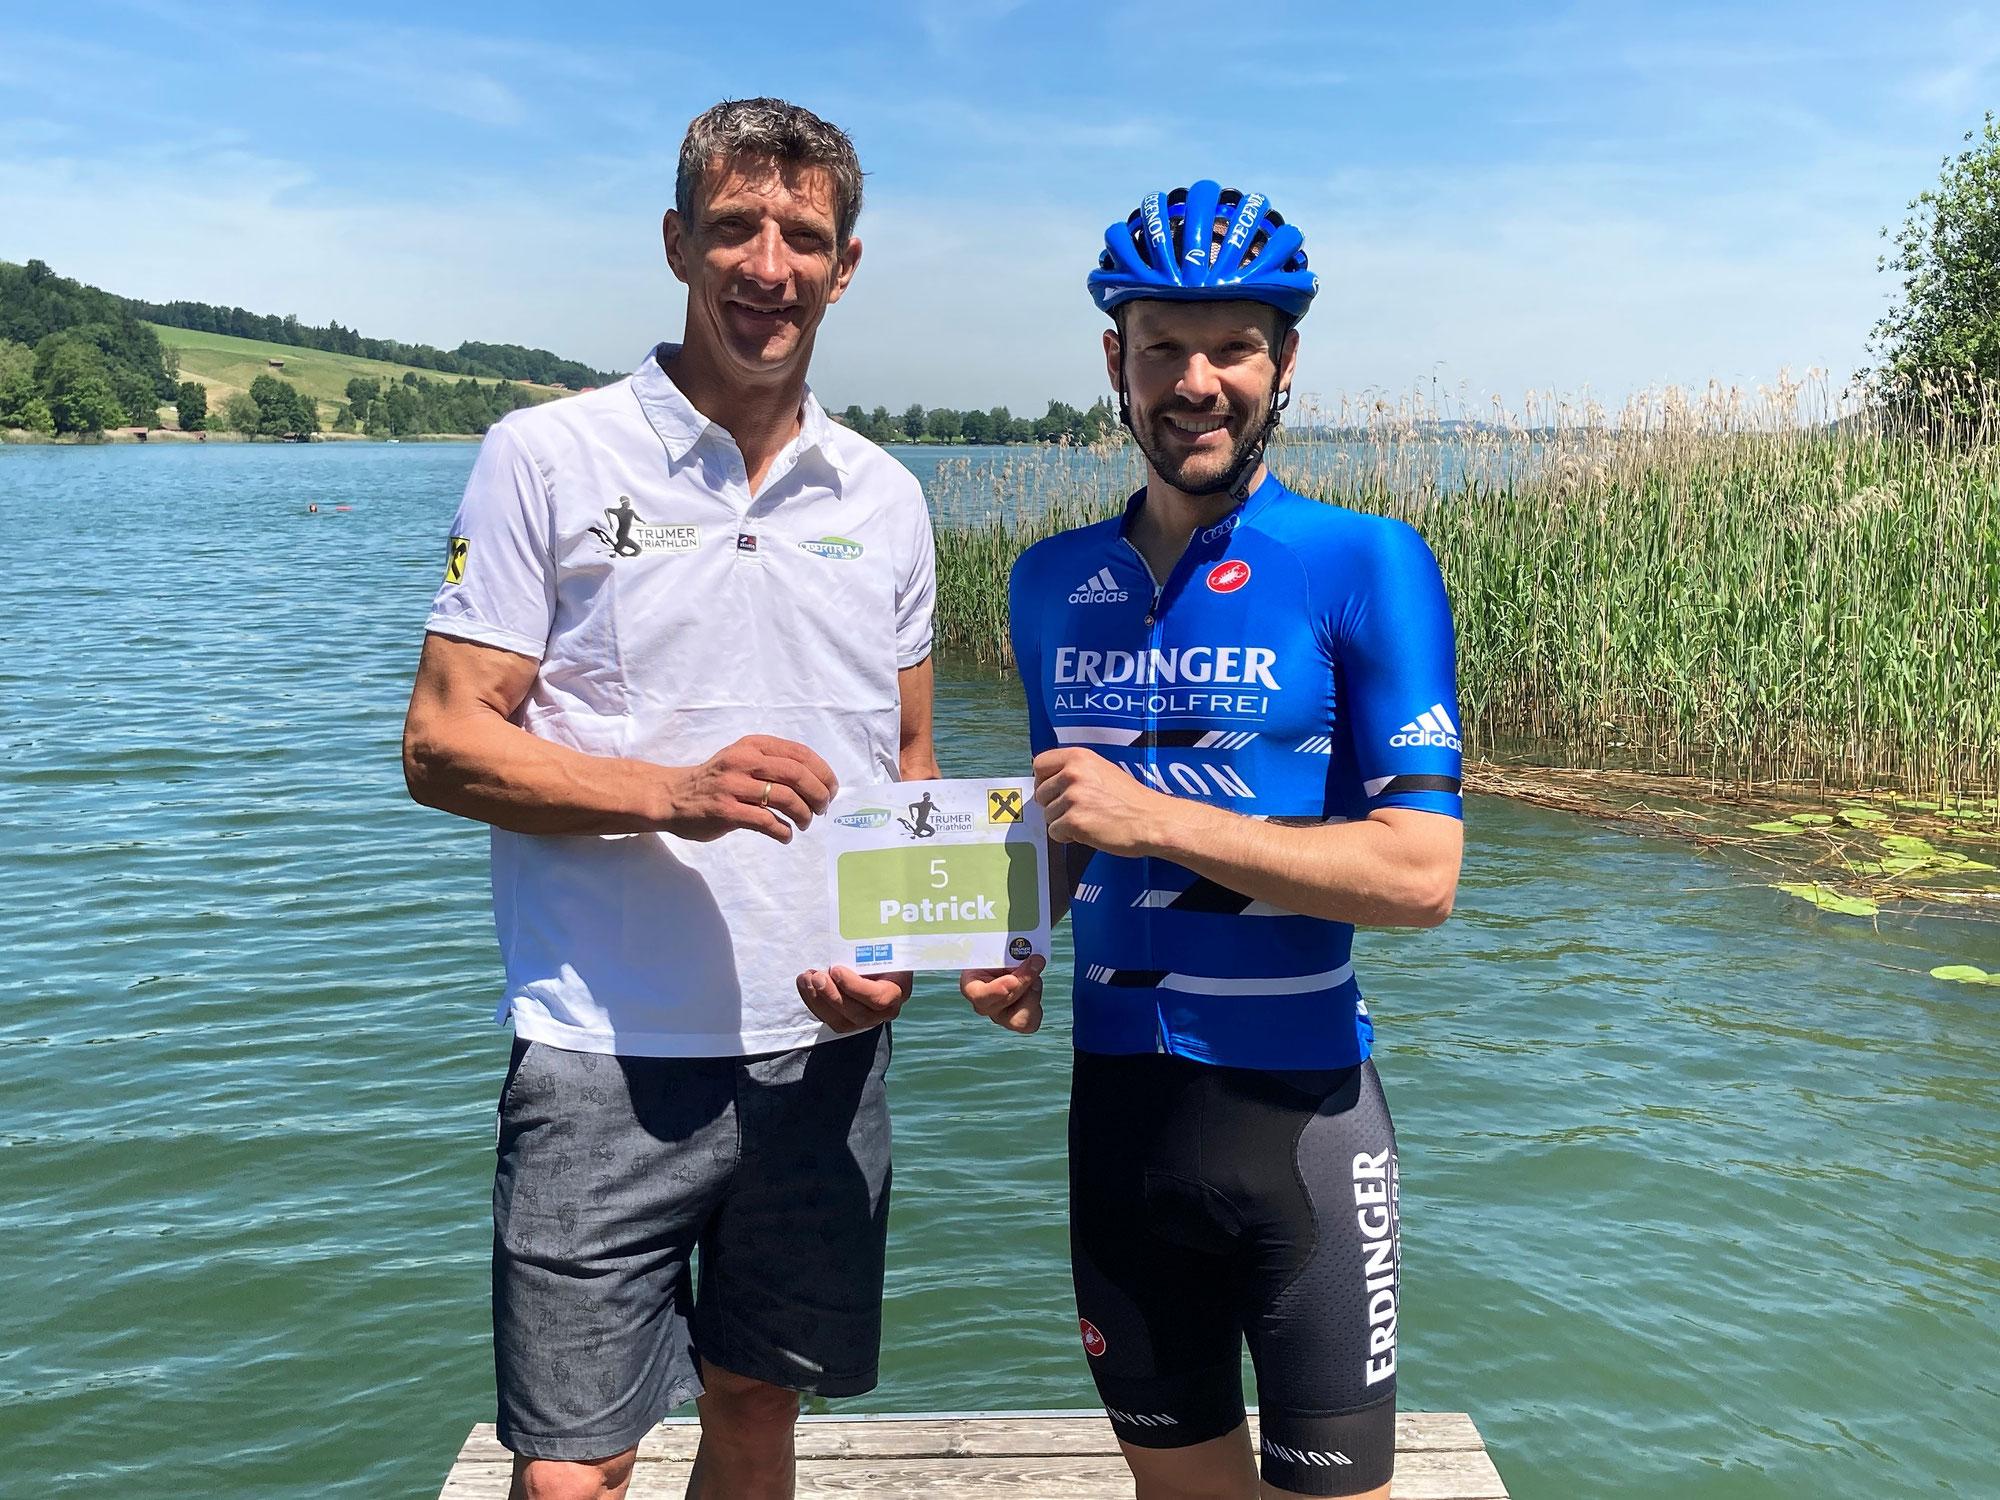 Trumer Triathlon 16.-18. Juli 2021 - Weltmeister Patrick Lange geht in Obertrum an den Start